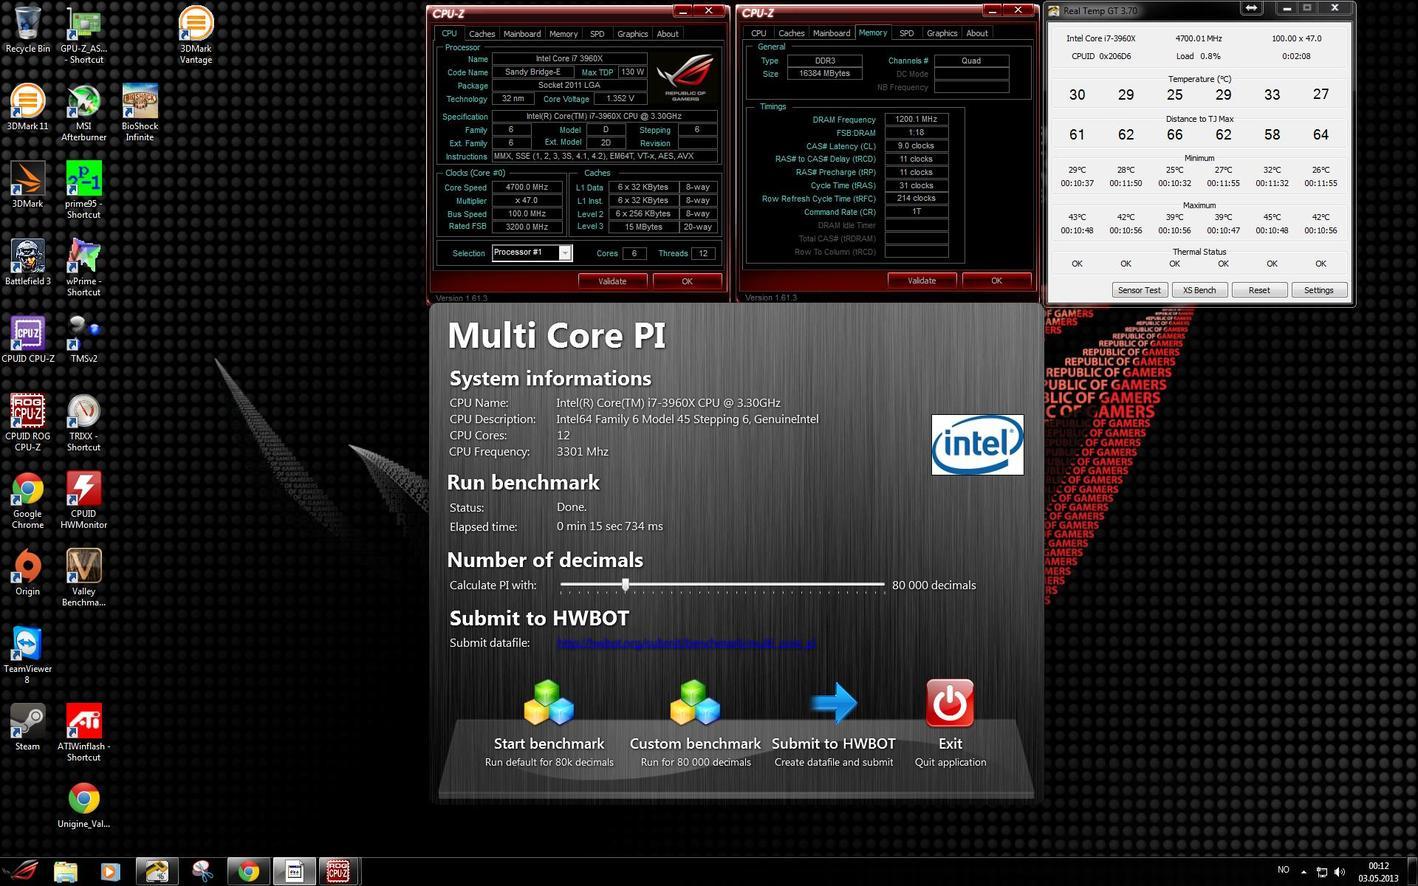 MultiCorePIScreenShot.jpg